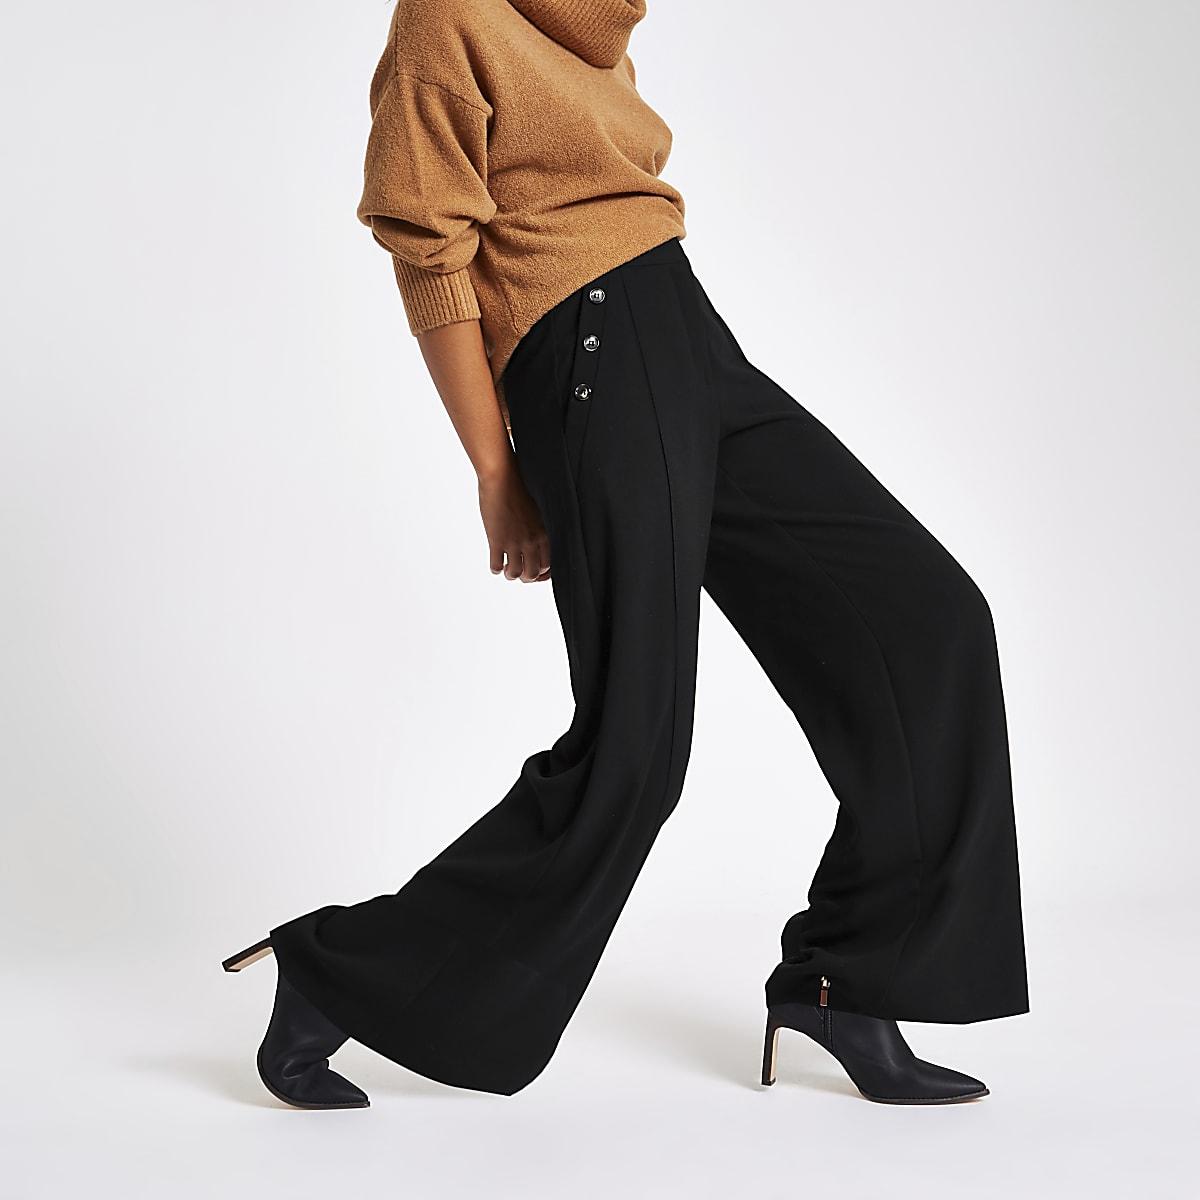 Zwarte broek met wijde pijpen en knopen